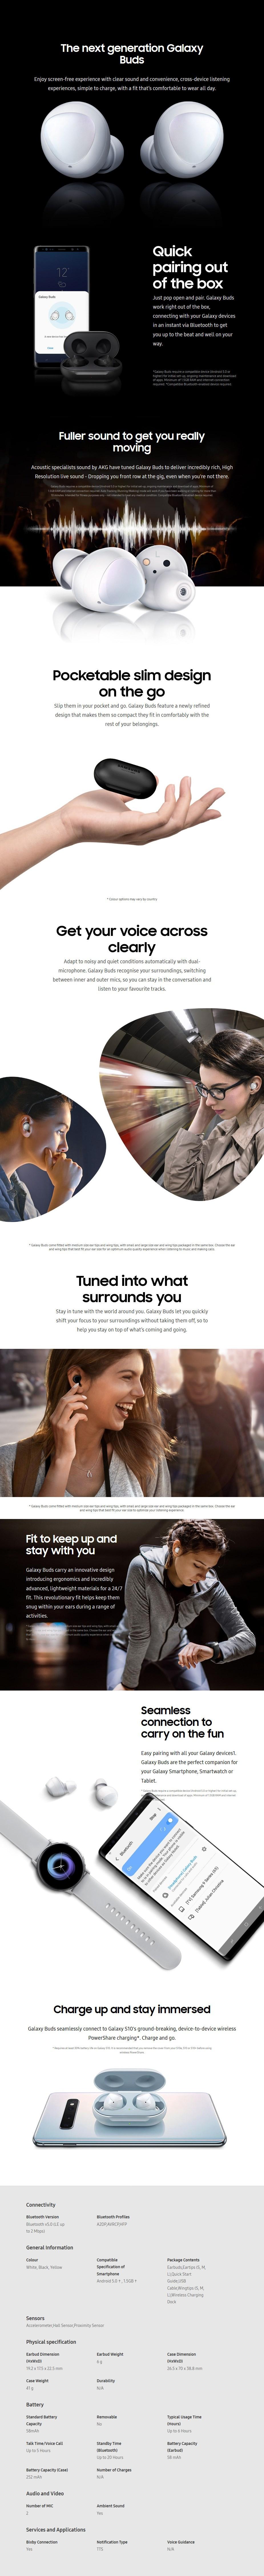 Samsung Galaxy Buds - White - Desktop Overview 1